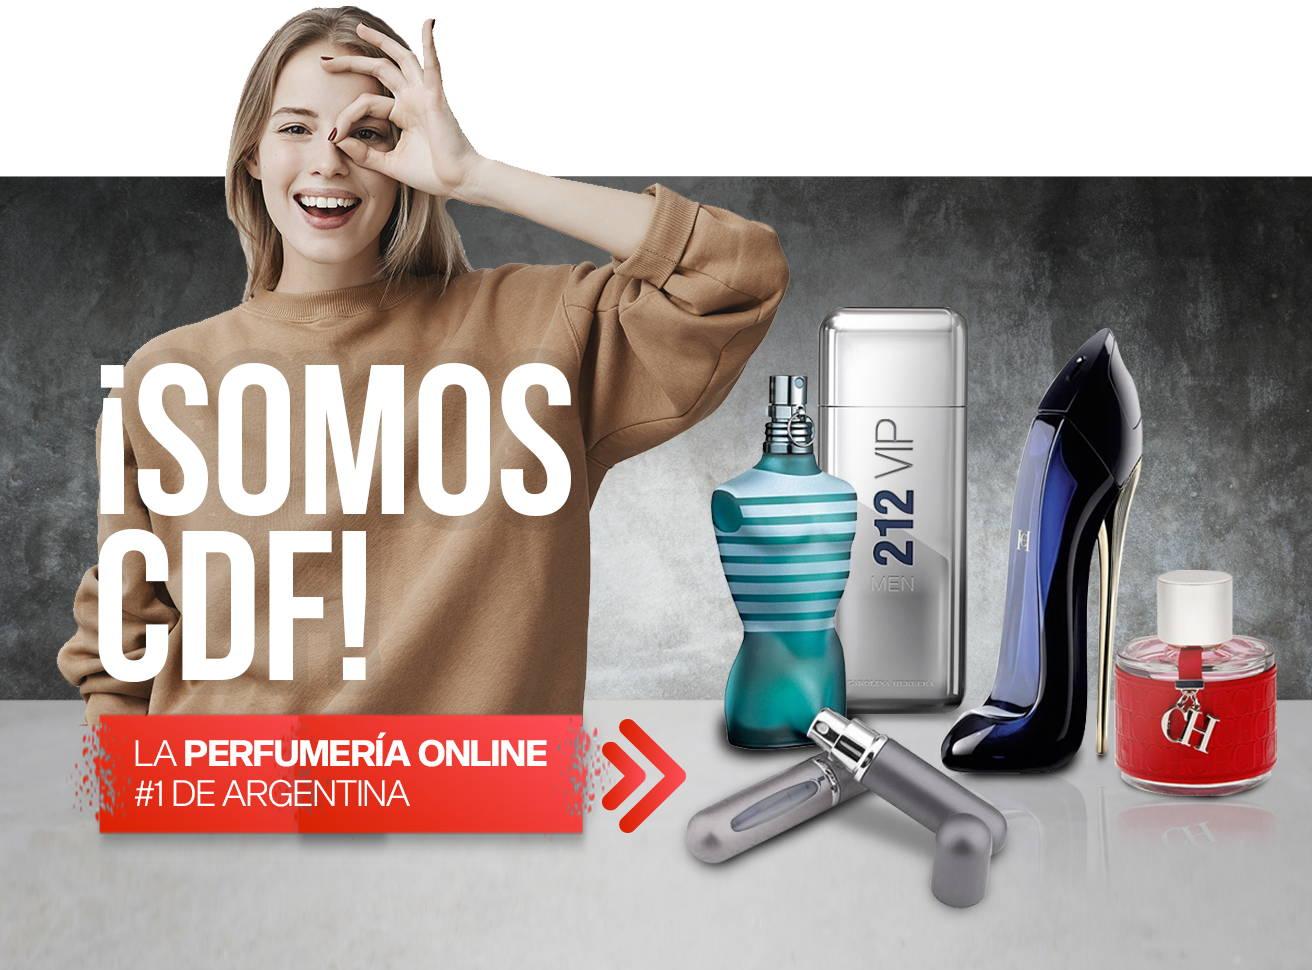 Club de Fragancias - Tienda Online de Perfumes Importados